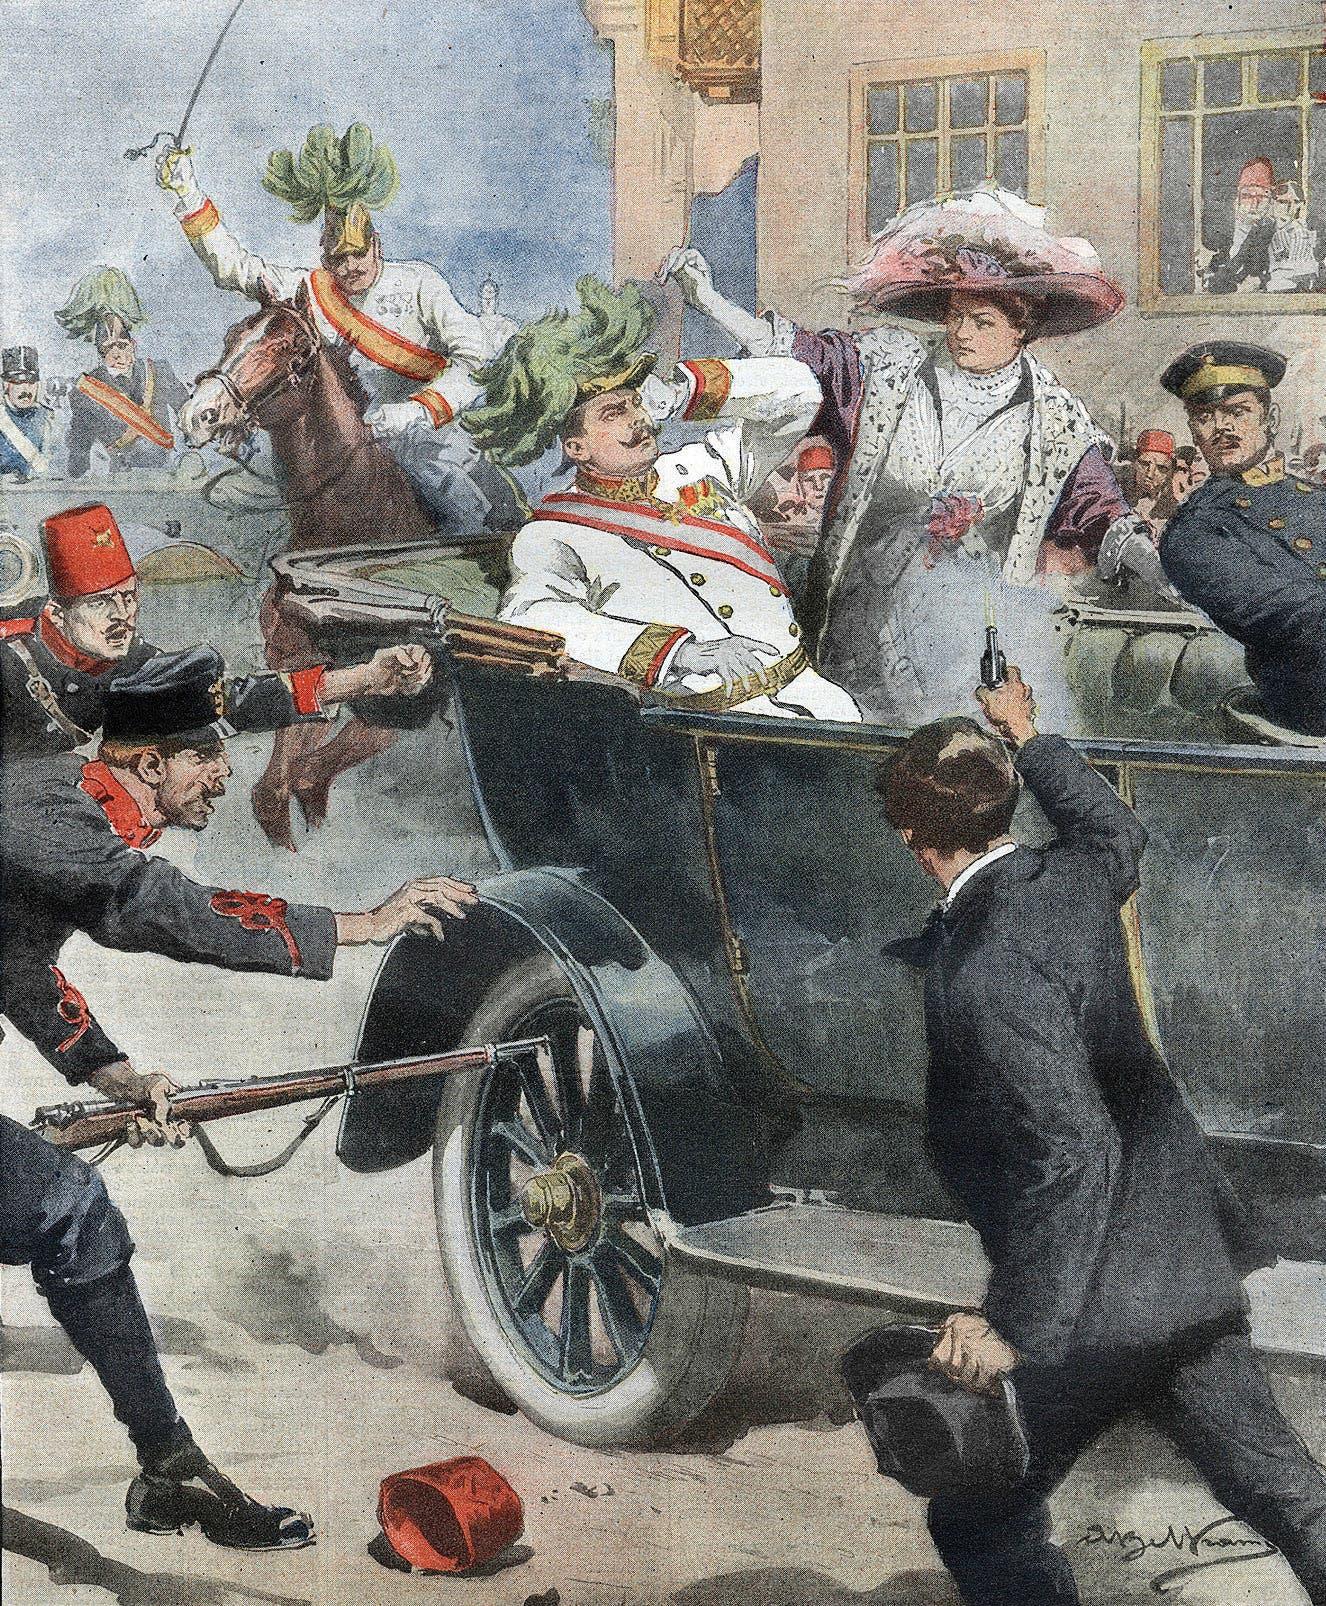 رسم تخيلي يجسد حادثة اغتيال ولي عهد النمسا